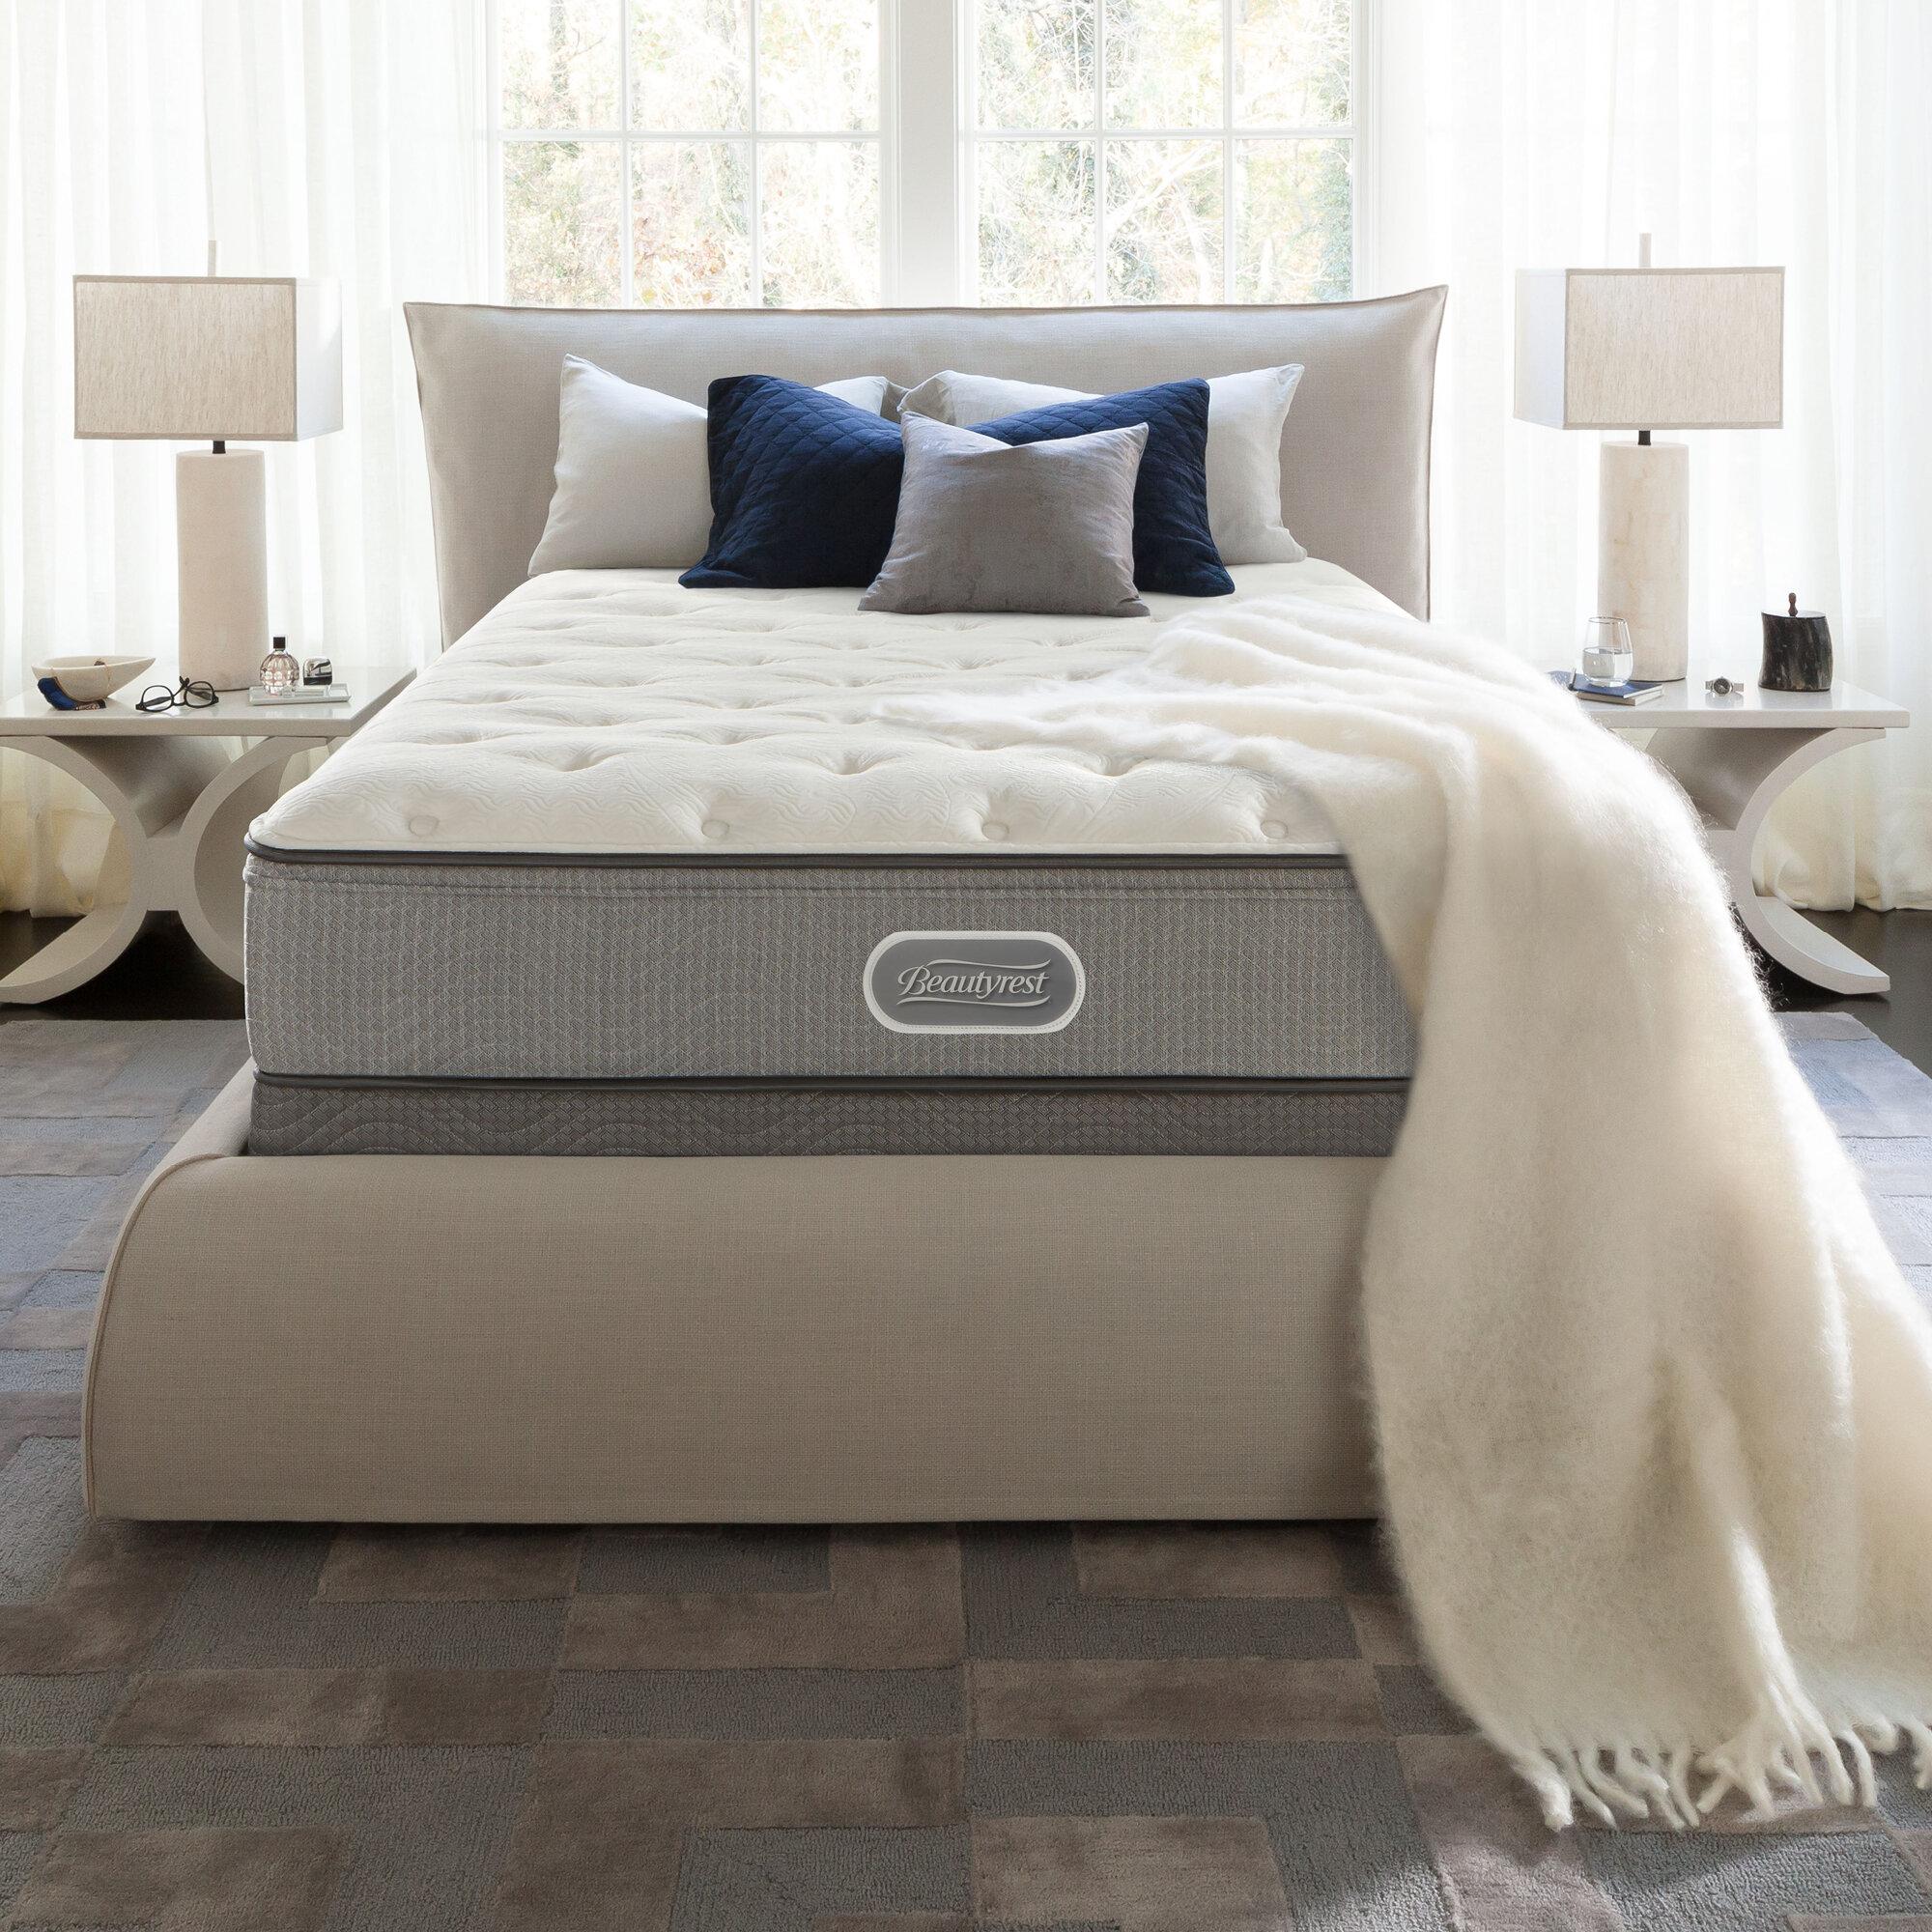 rest top foam of beauty memory simmons photo mattress att x pillow beautyrest